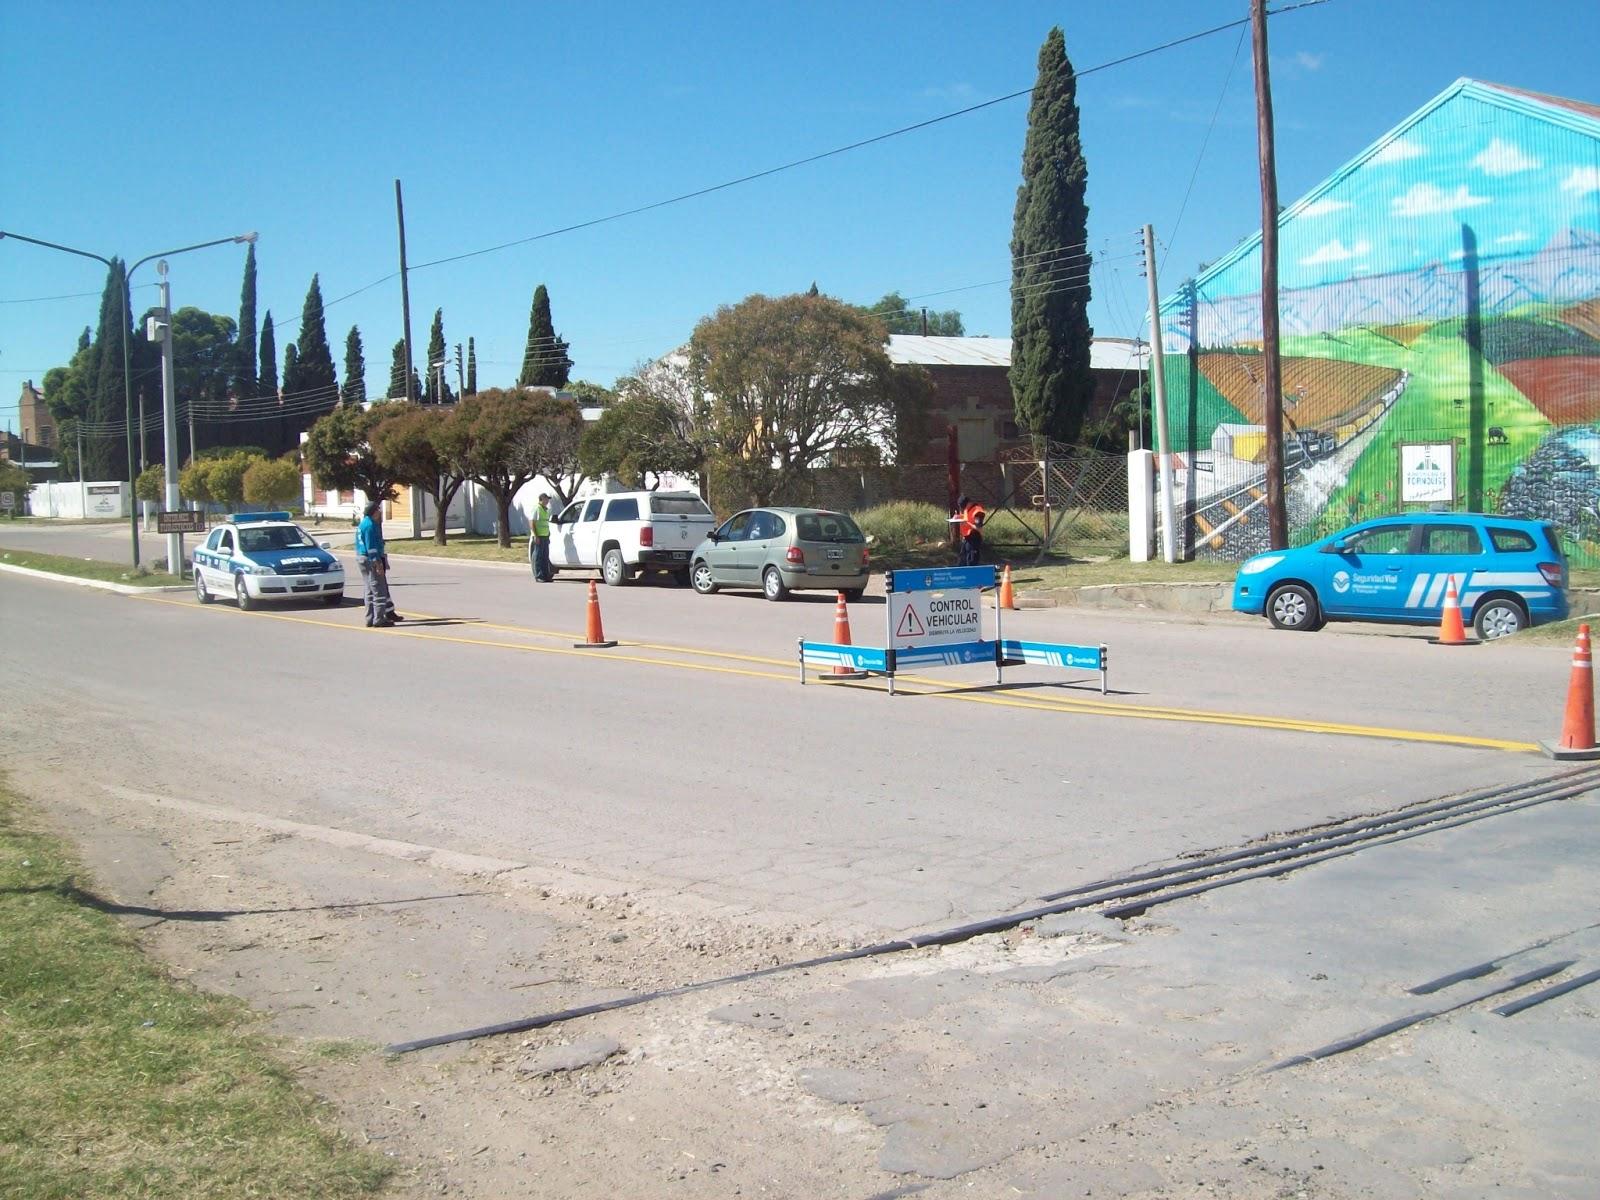 Reflejos 103 7 ministerio del interior y transporte for Interior y policia porte y tenencia